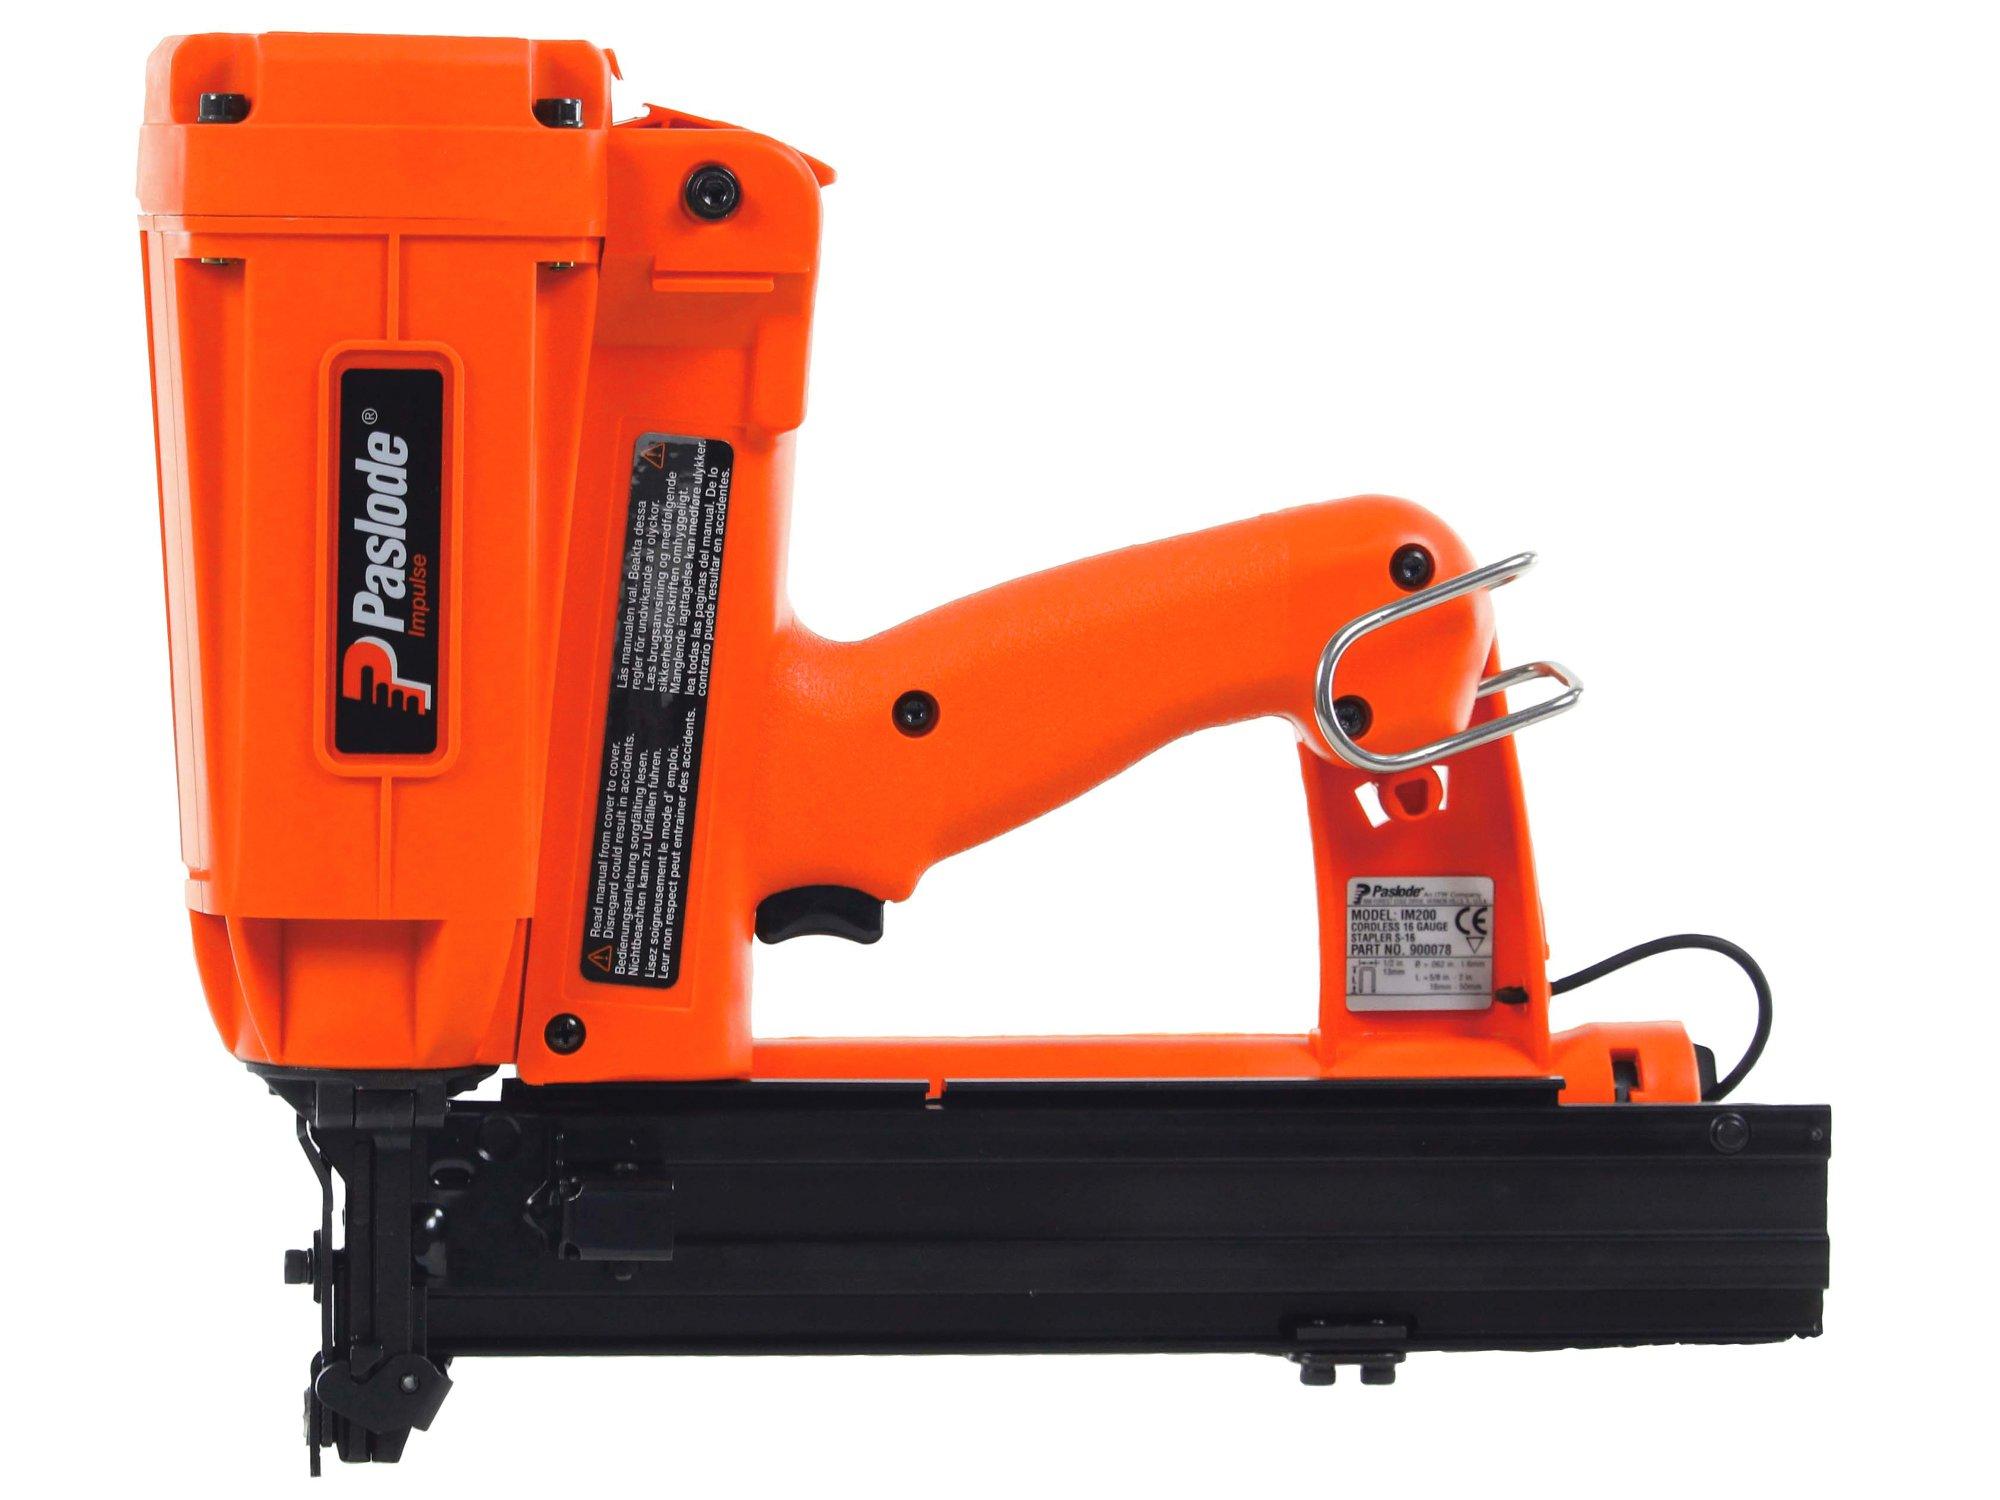 Paslode IM200/50 S16 Stapler Cordless 3.1Kg